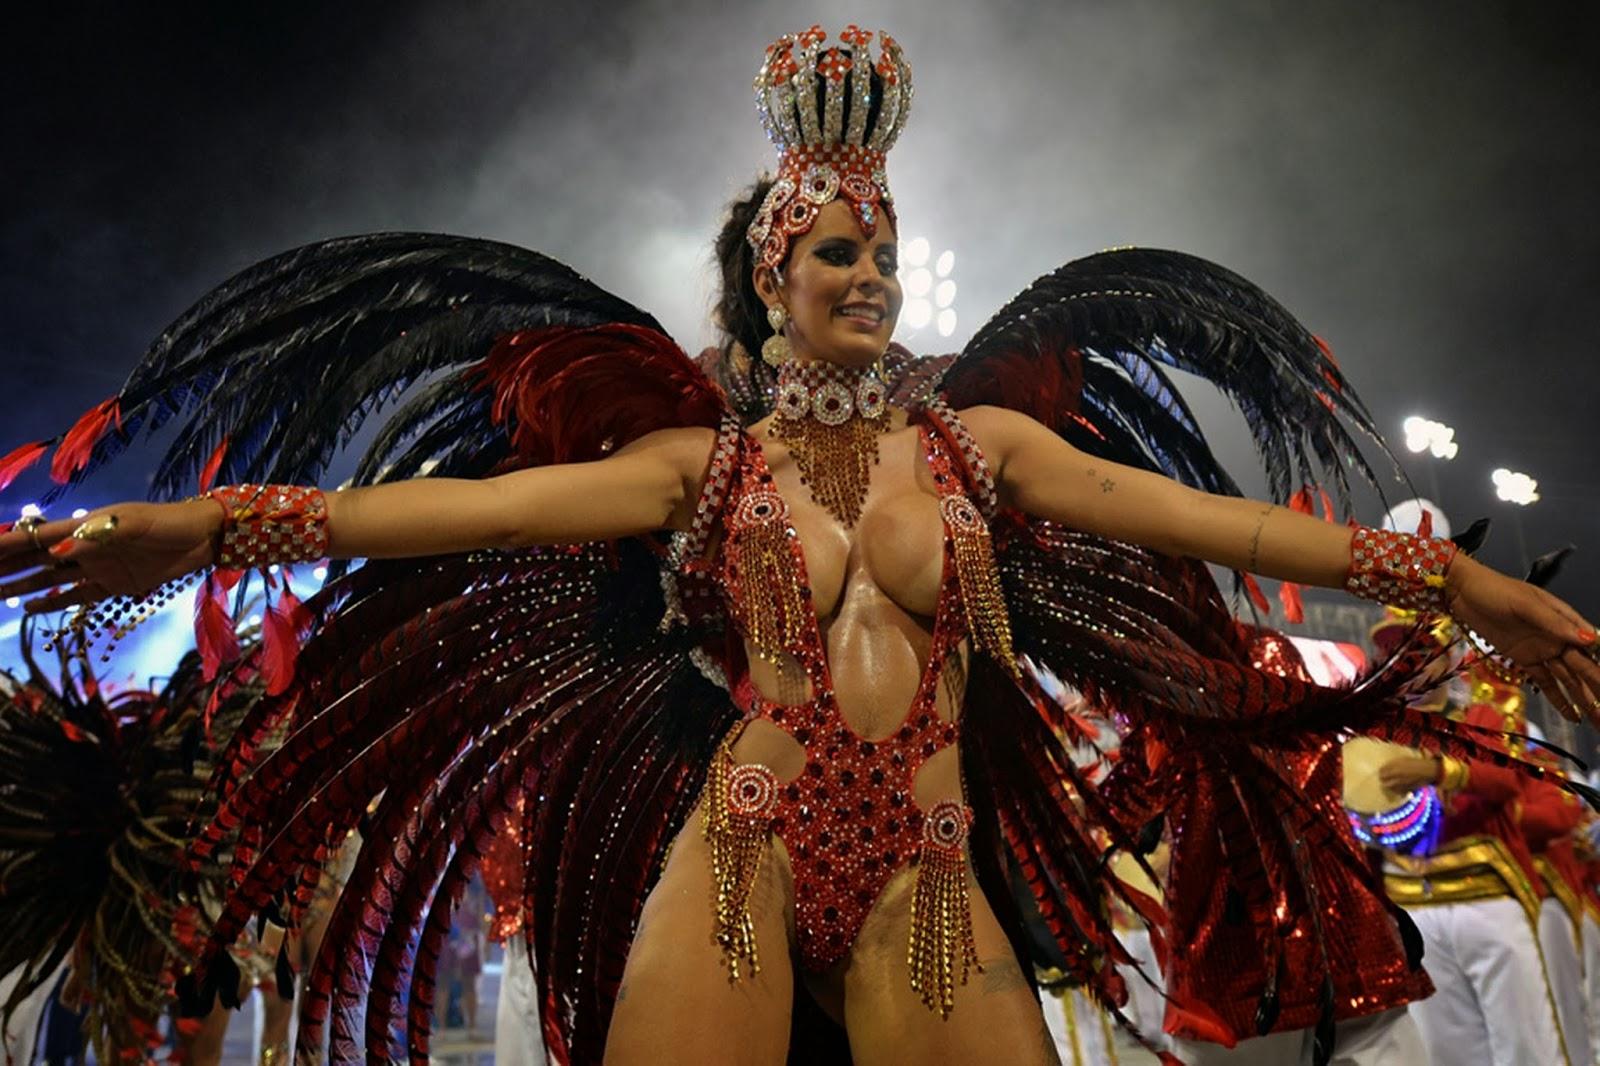 сайт бразильские эротические танцы карнавал трое подошли